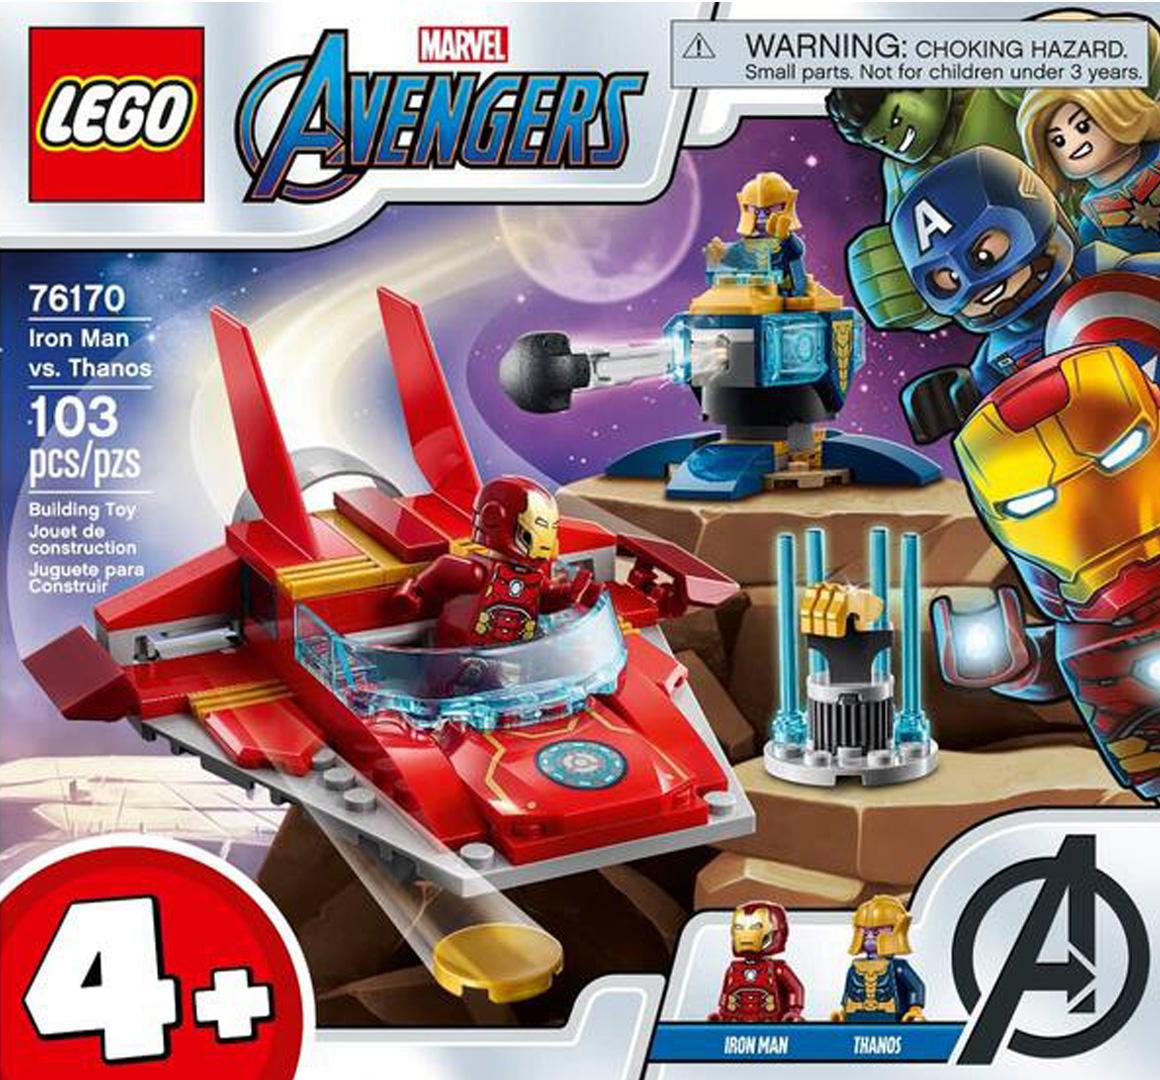 2021年レゴ マーベル・スーパー・ヒーローズ新製品第1弾情報!みんな大好きアベンジャーズ!